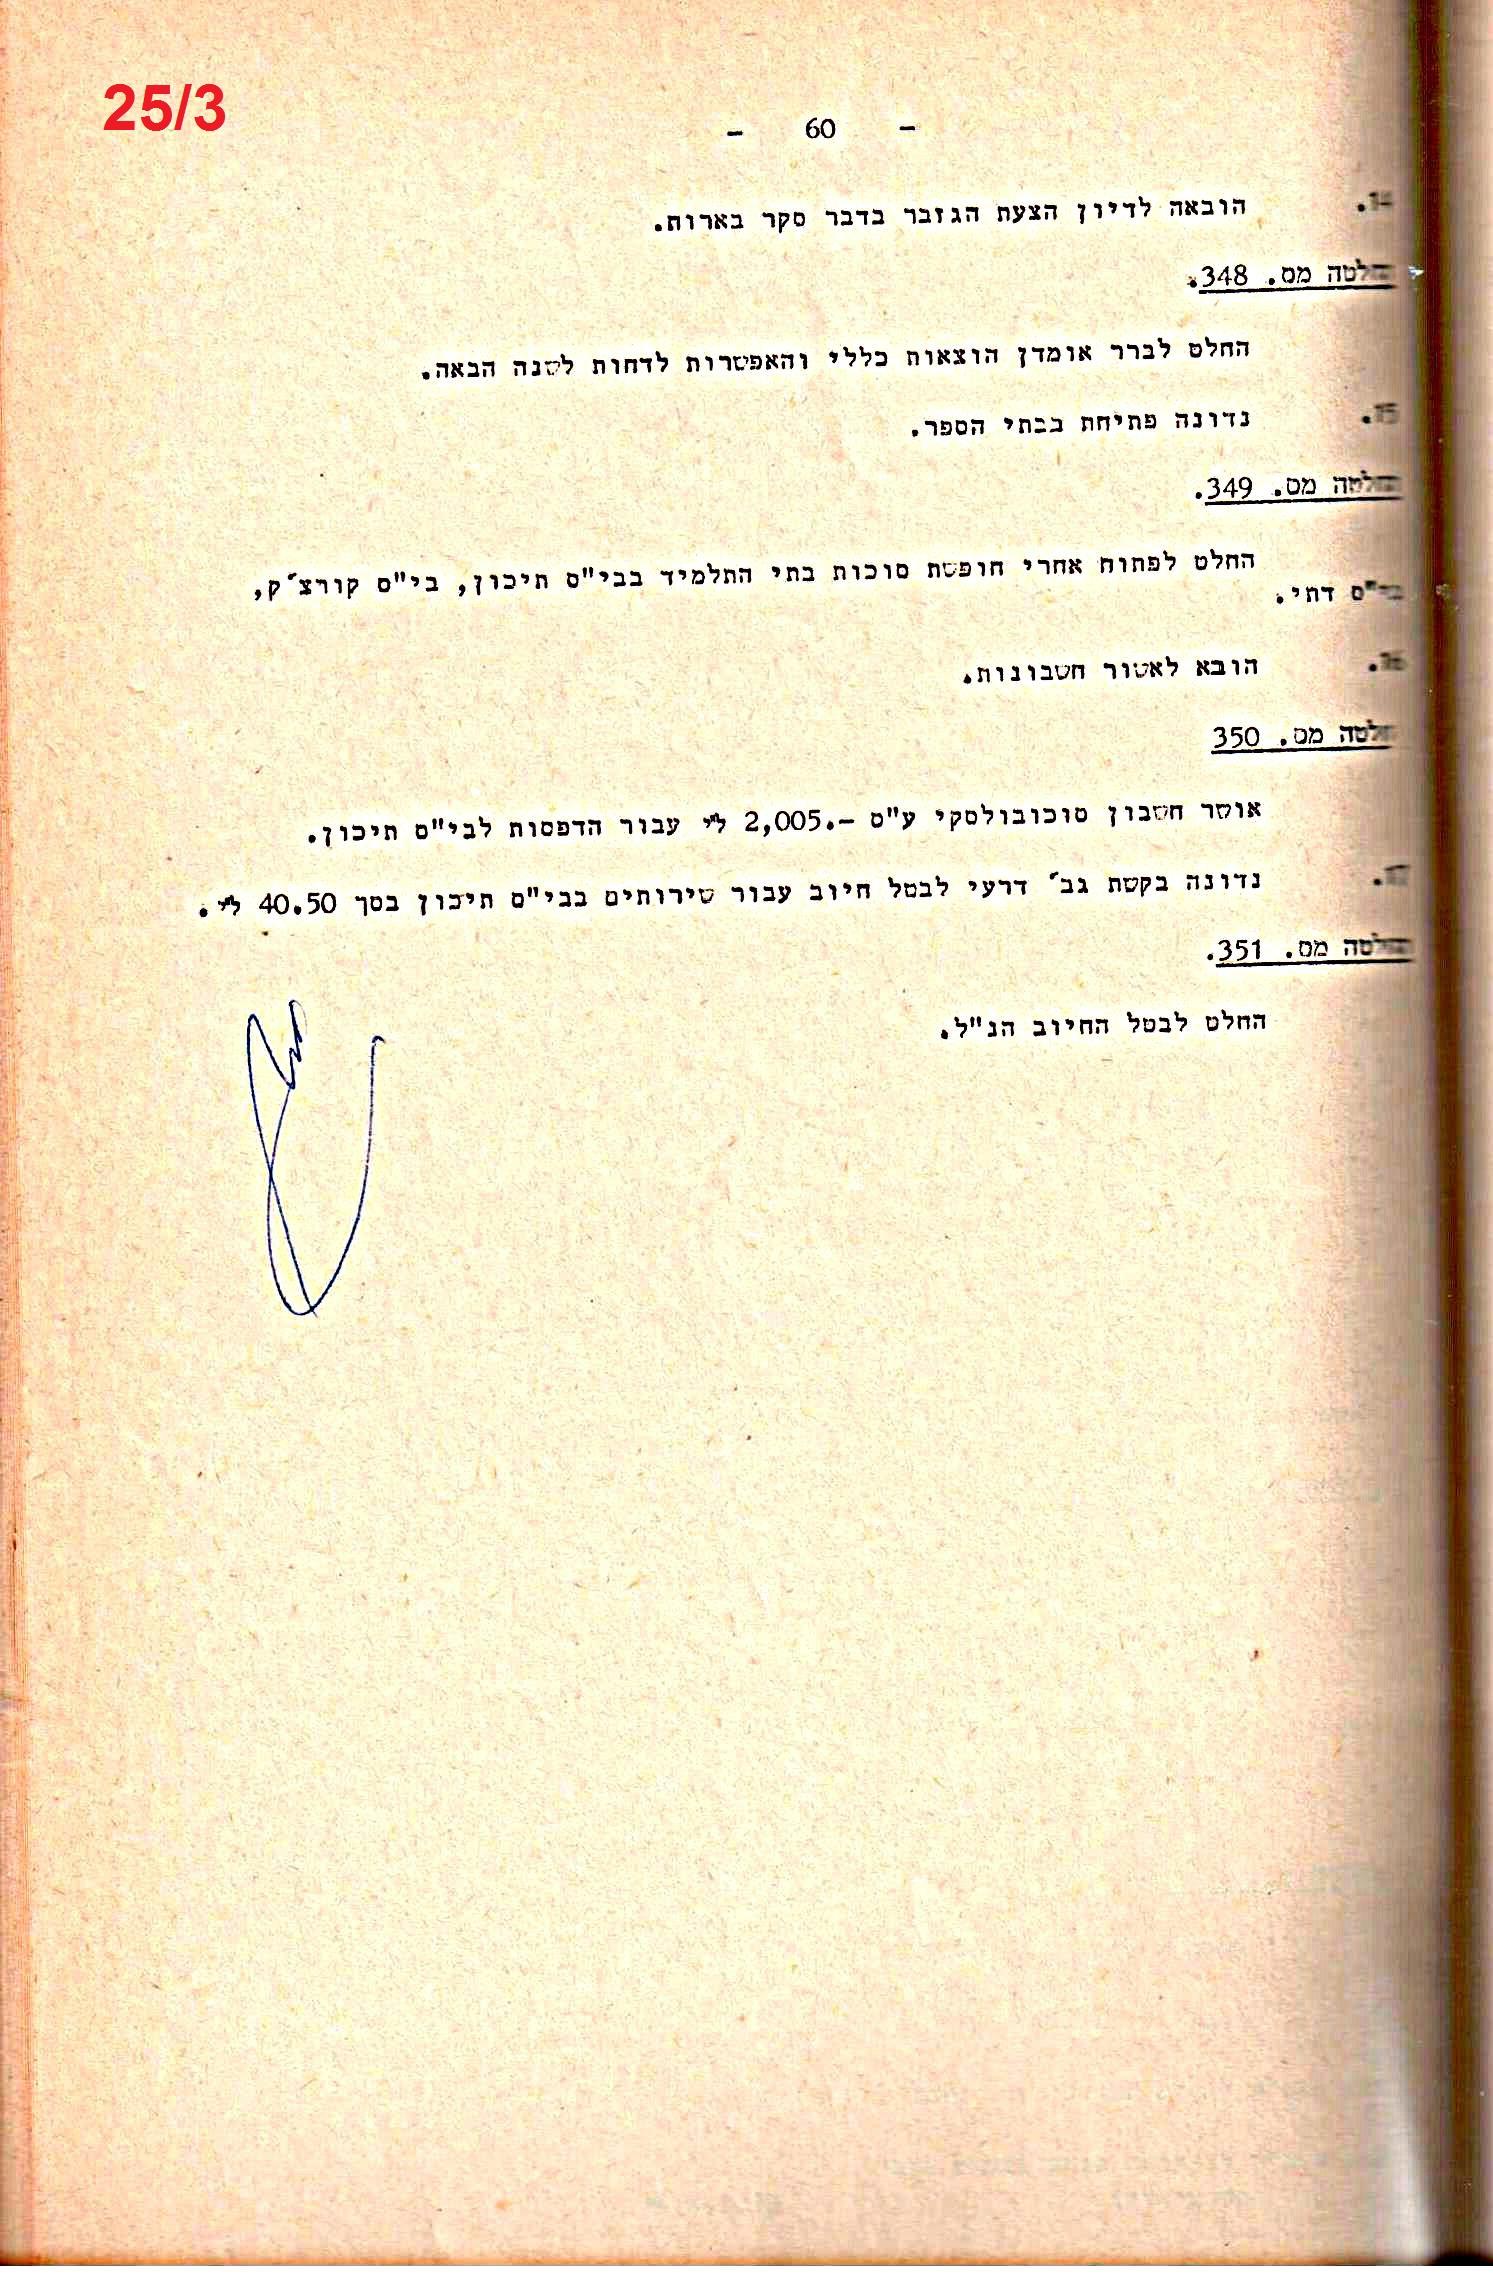 פרוטוקולים 11 – הנהלה – 22.1.68 – 6.12.65 by riki deri - Illustrated by  מוזיאון בית גרושקביץ / כרך 11 - Ourboox.com